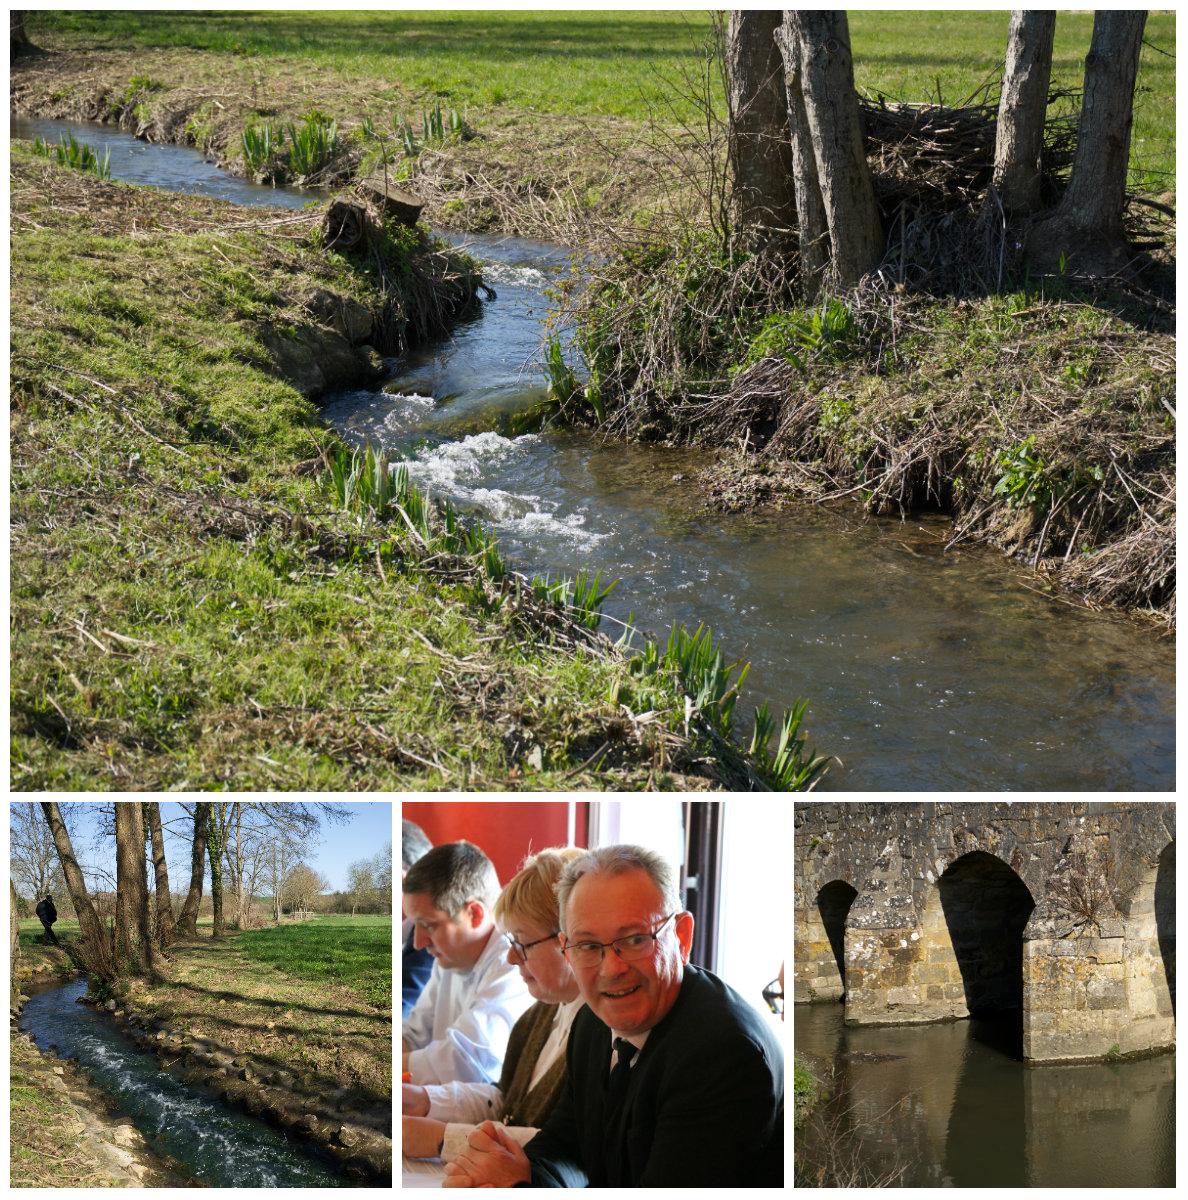 Aménagement d'une rivière de contournement - Moulin de Mauves sur Huisne